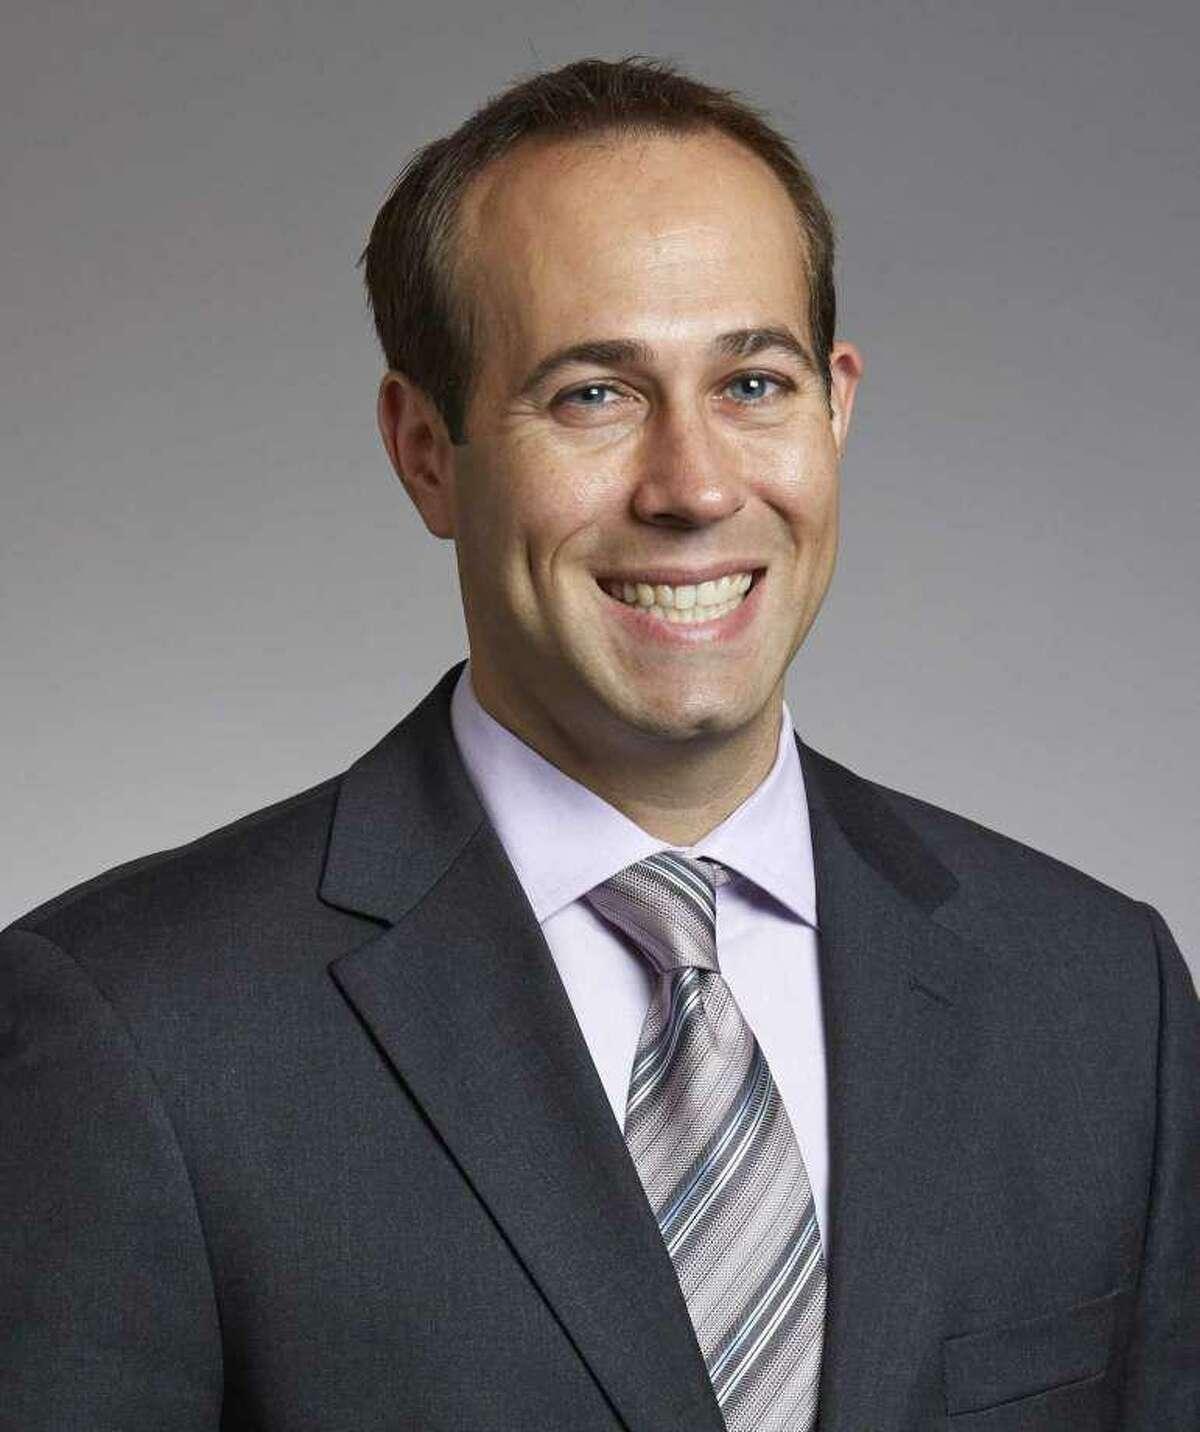 State Rep. Brian Farnen (R-132)